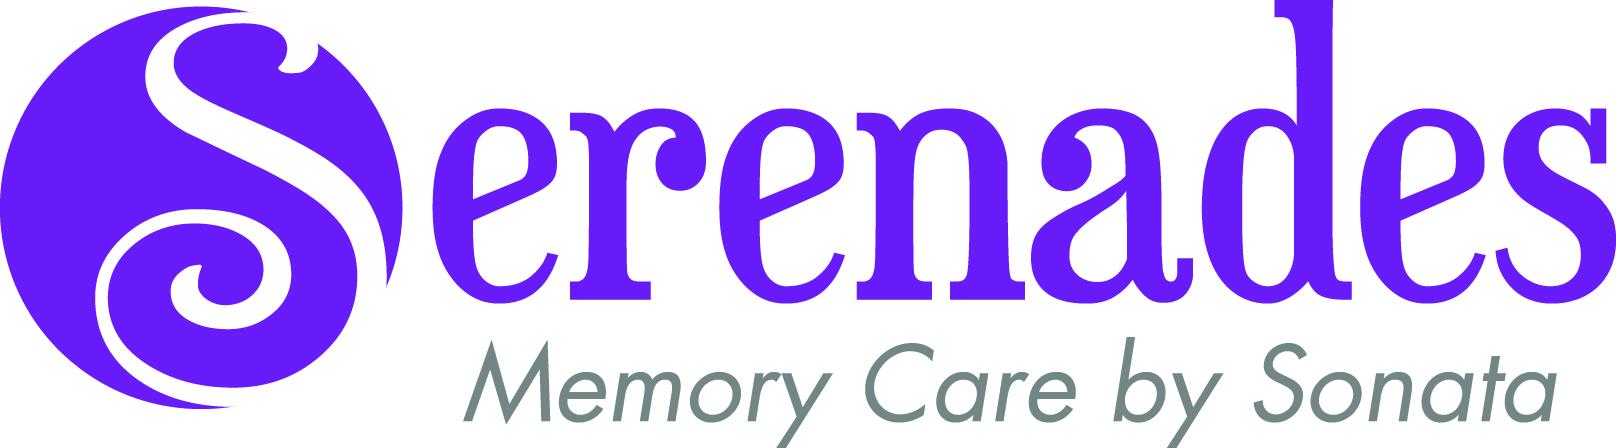 2015 SERENADES_MEMORYCARE